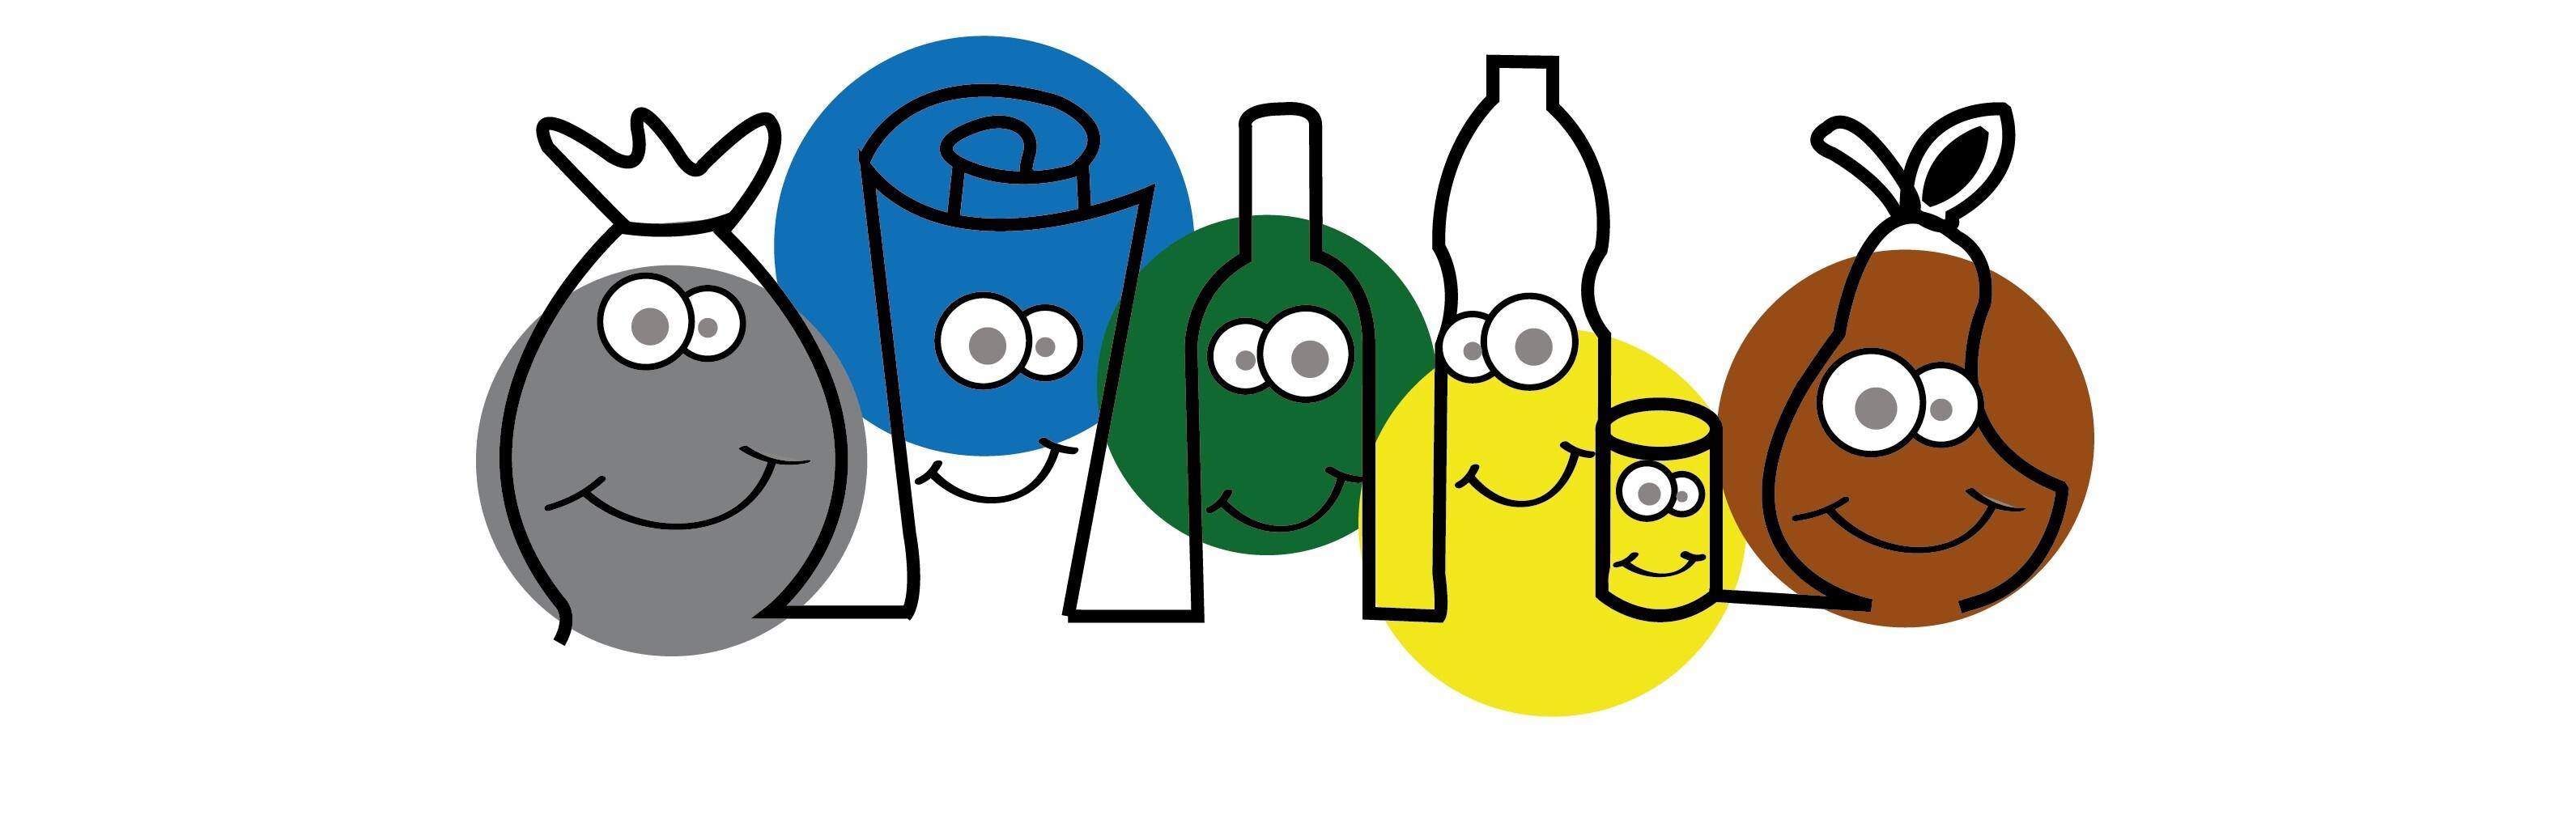 Immagine stilizzata raffigurante diverse tipologie di rifiuti